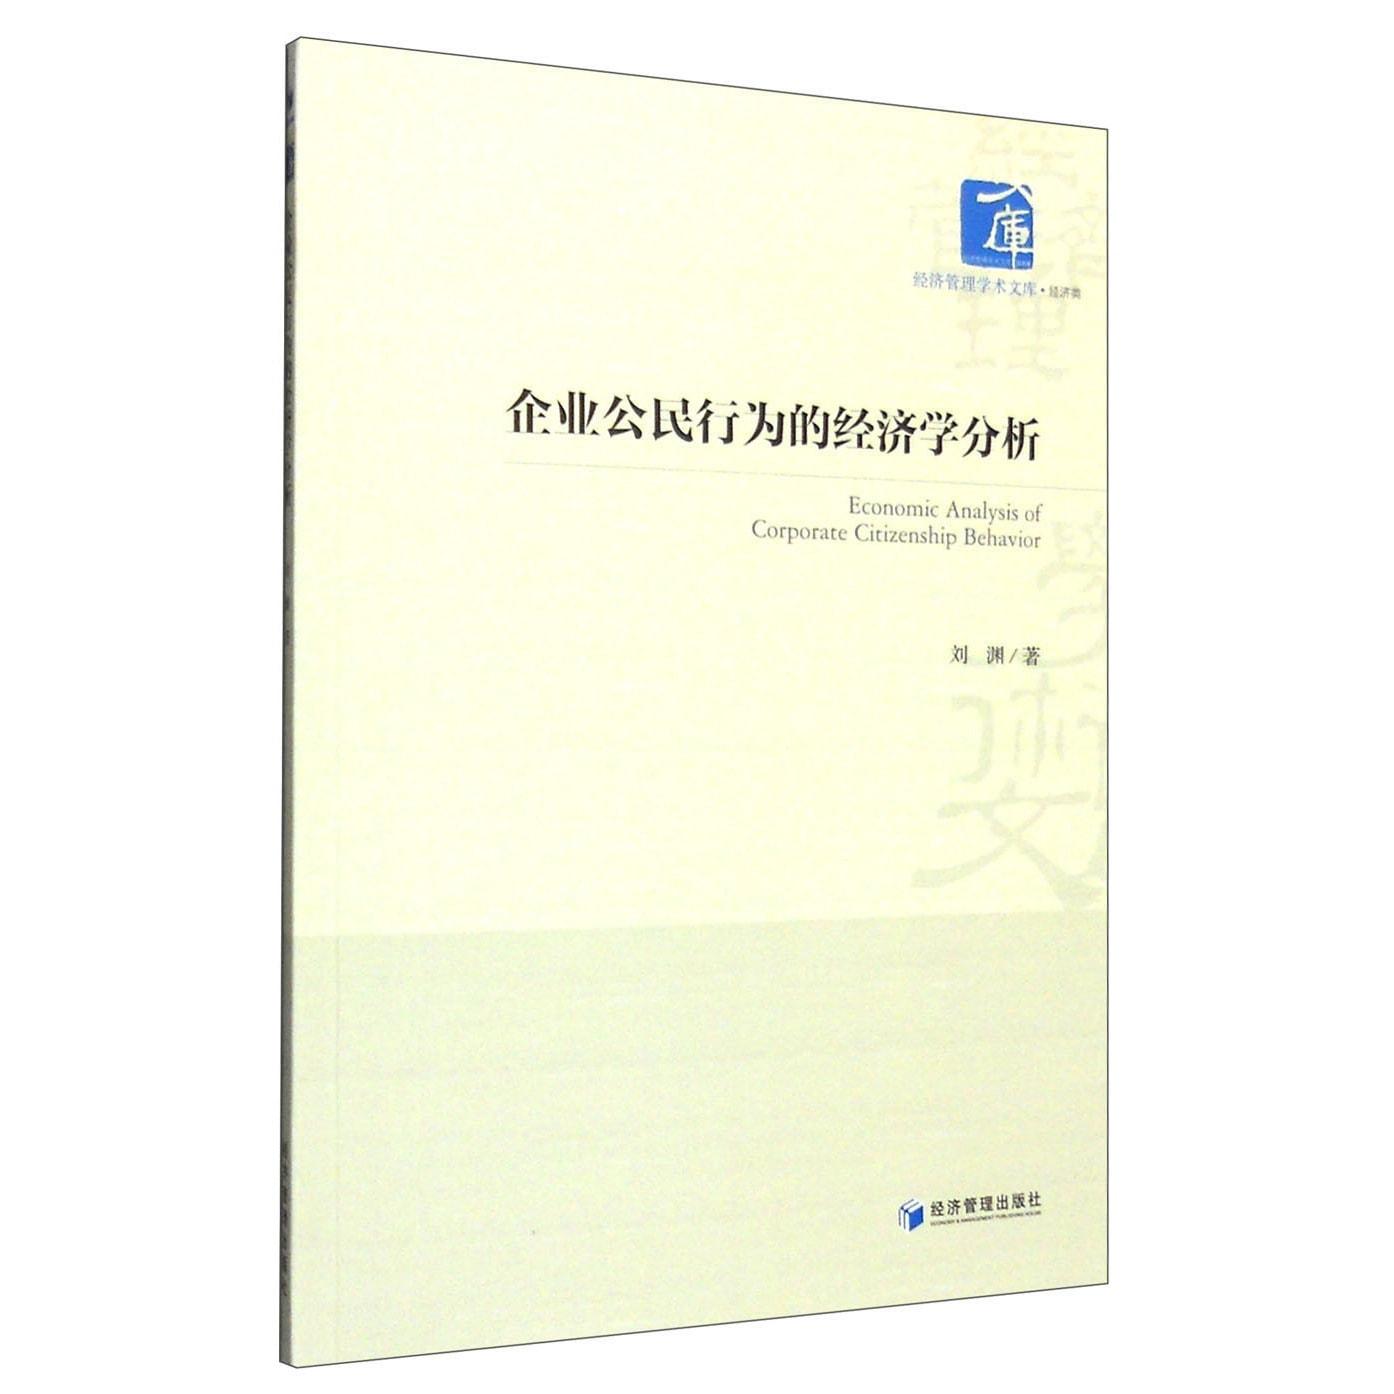 经济管理学术文库·经济类:企业公民行为的经济学分析 怎么样 - 亚米网